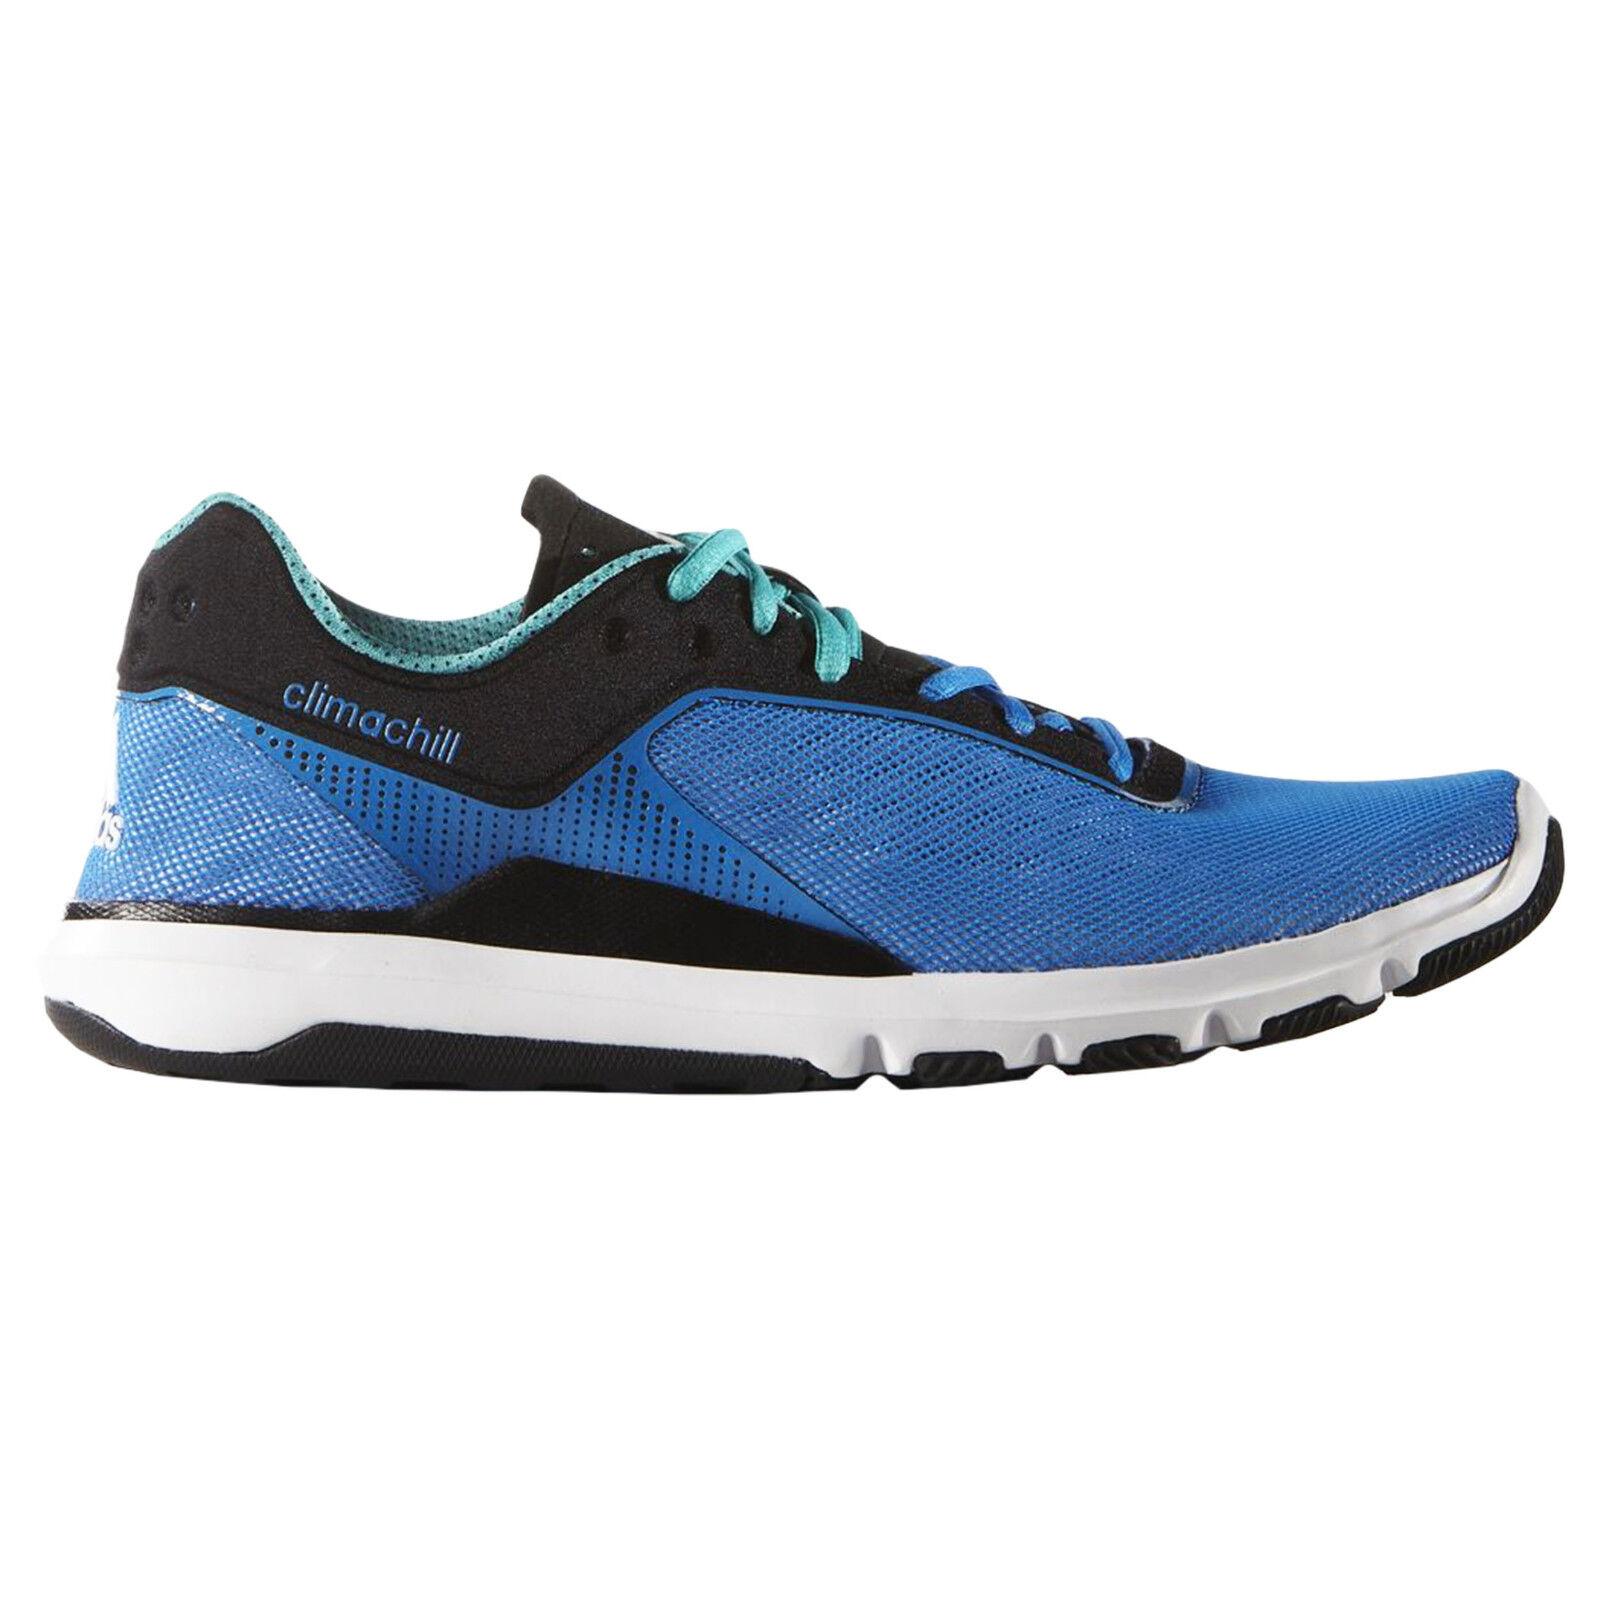 Adidas Para Hombre Adipure Entrenamiento 360.3 Clima Chill Entrenamiento Adipure Gimnasio Azul con Cordones Correr Zapatillas 760a7f